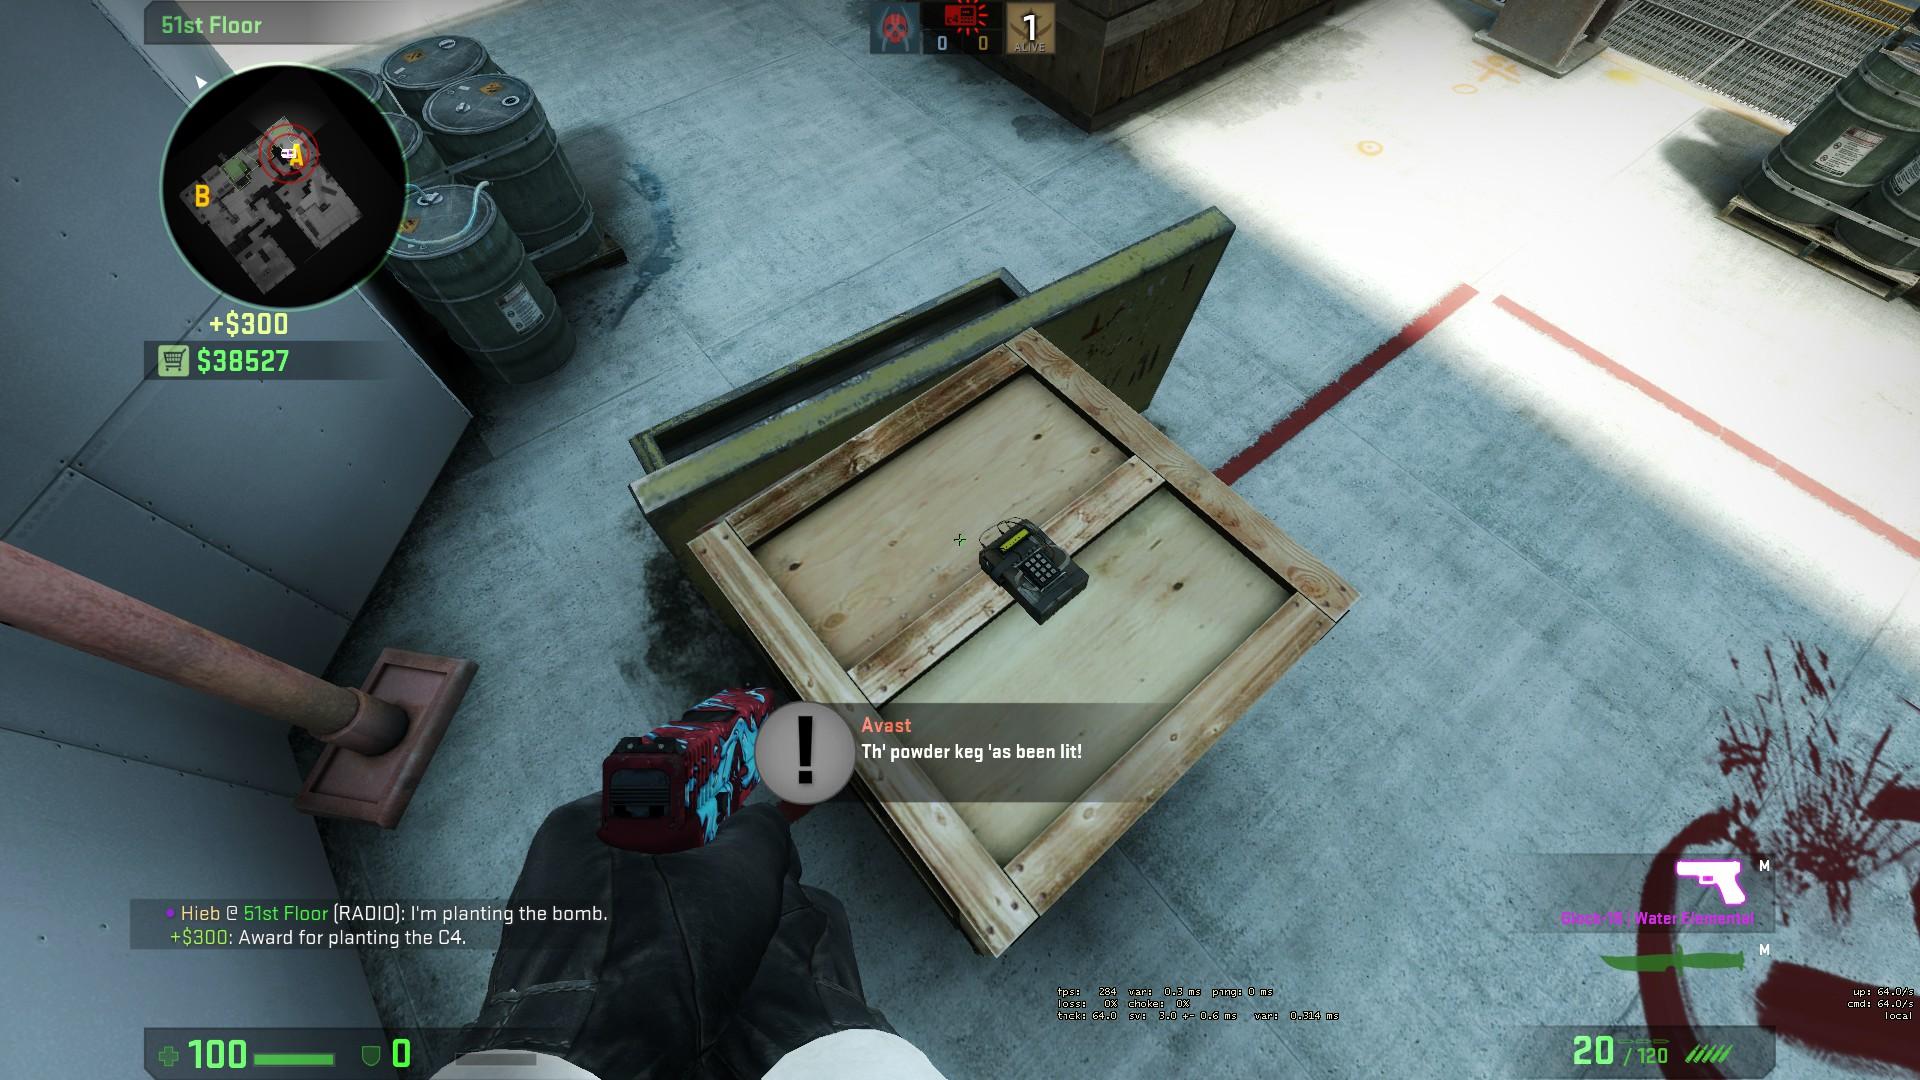 Раскидка гранат на вертиго в cs:go